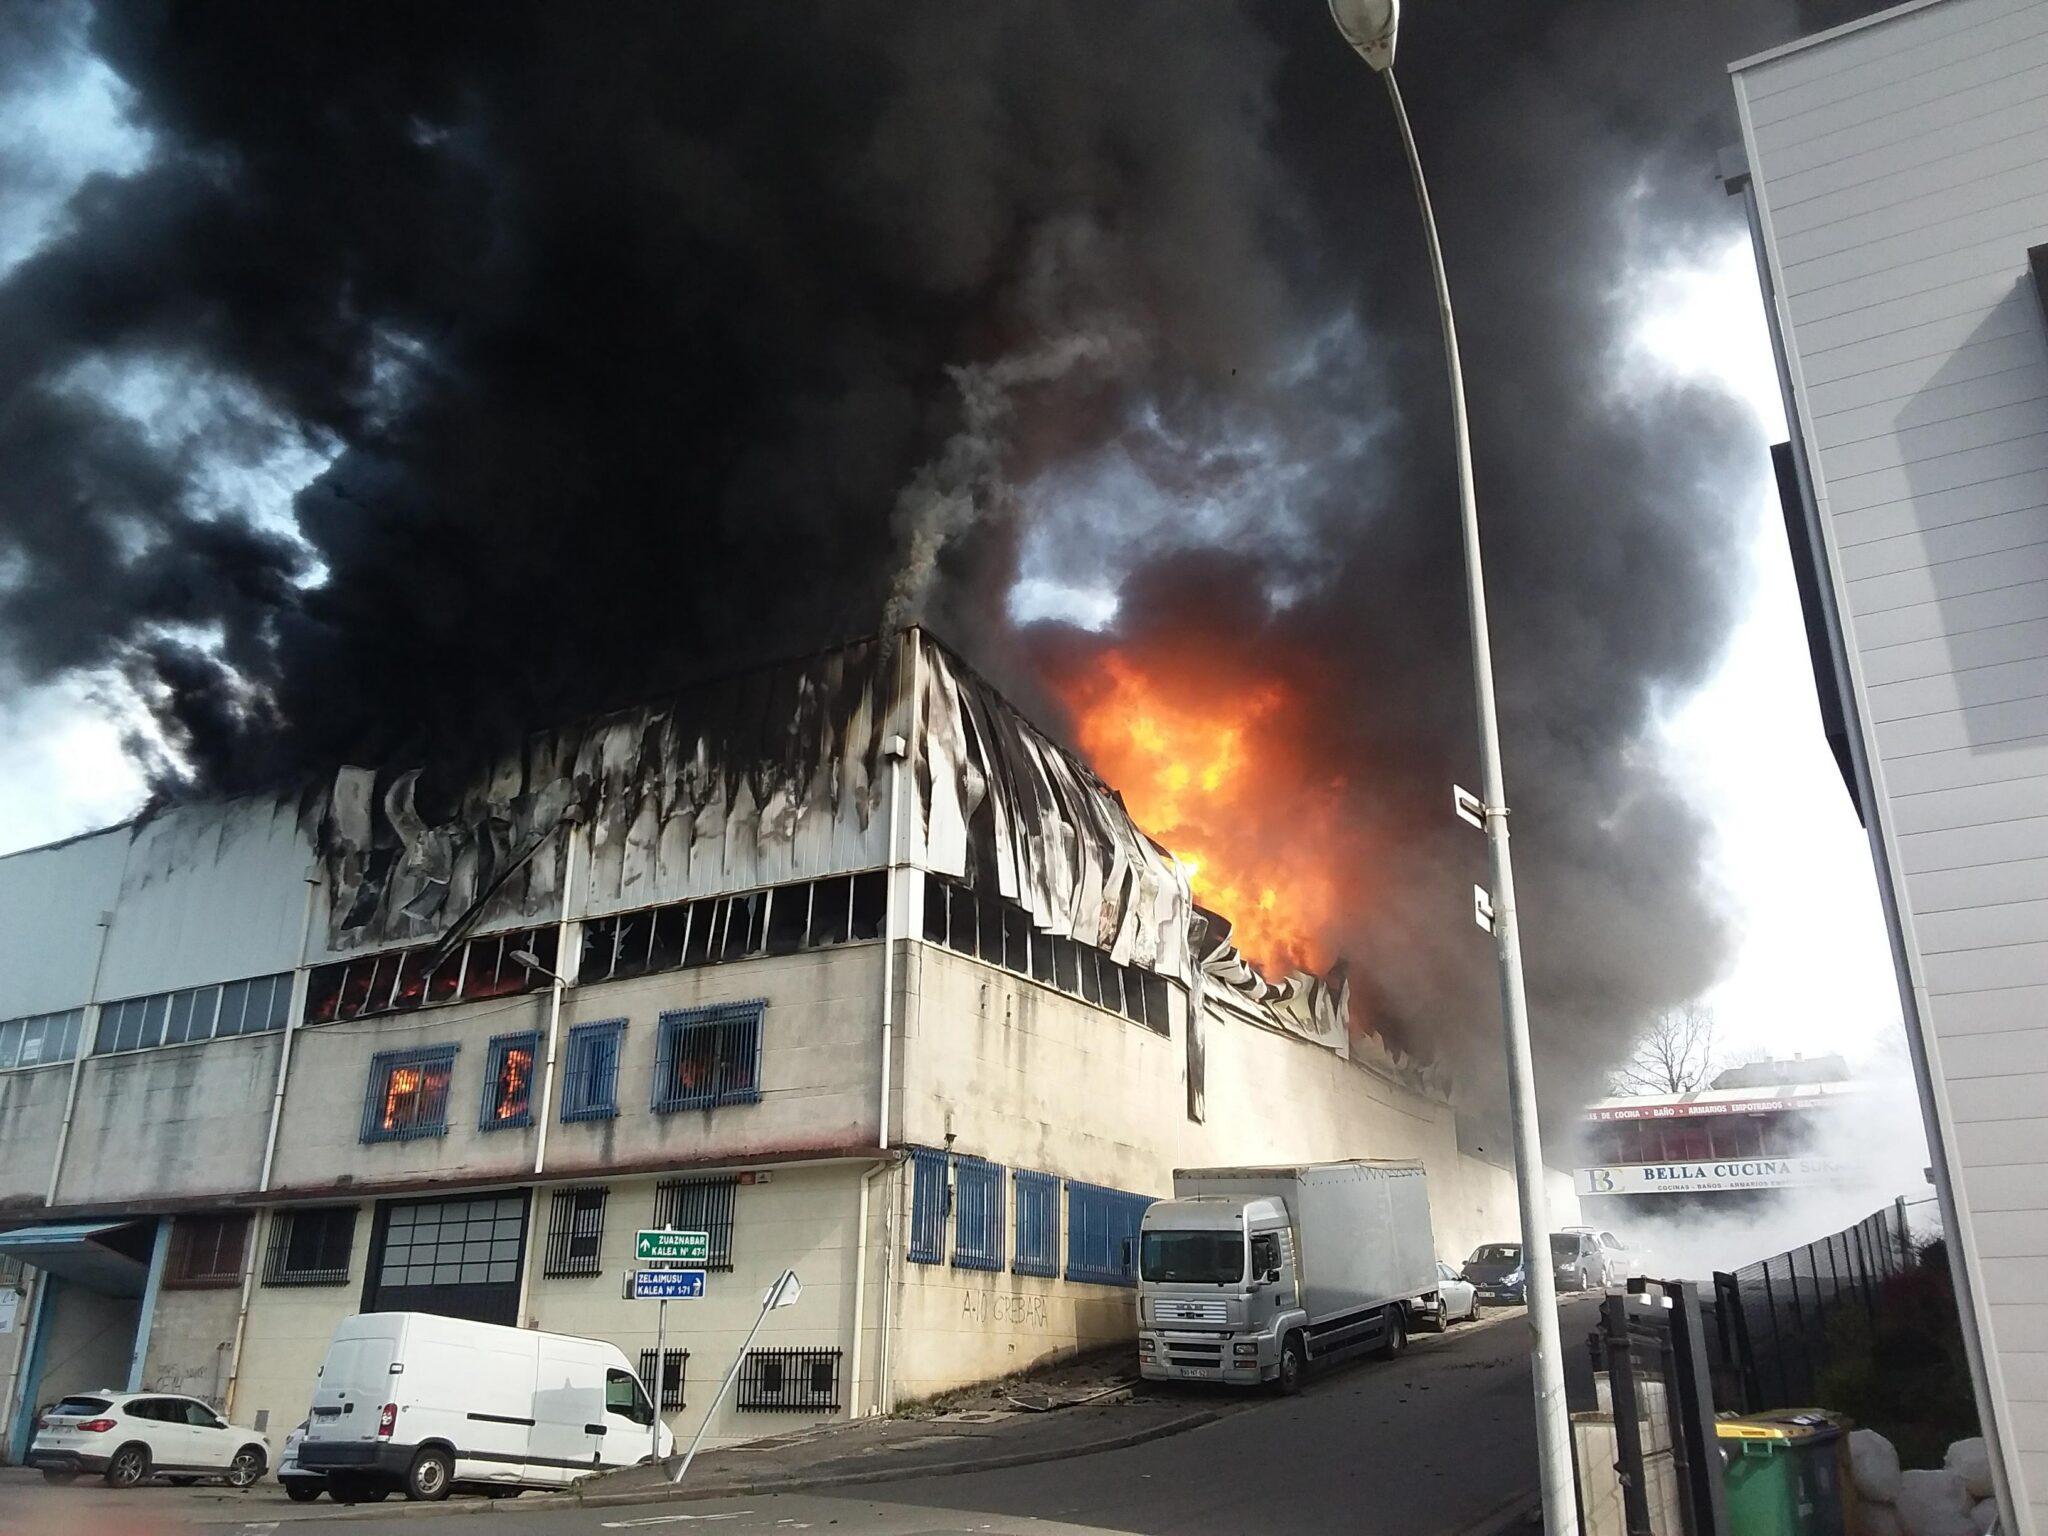 Fuego en Oiartzun. Fotos: Gipuzkoako Suhiltzaileak y Sos Deiak